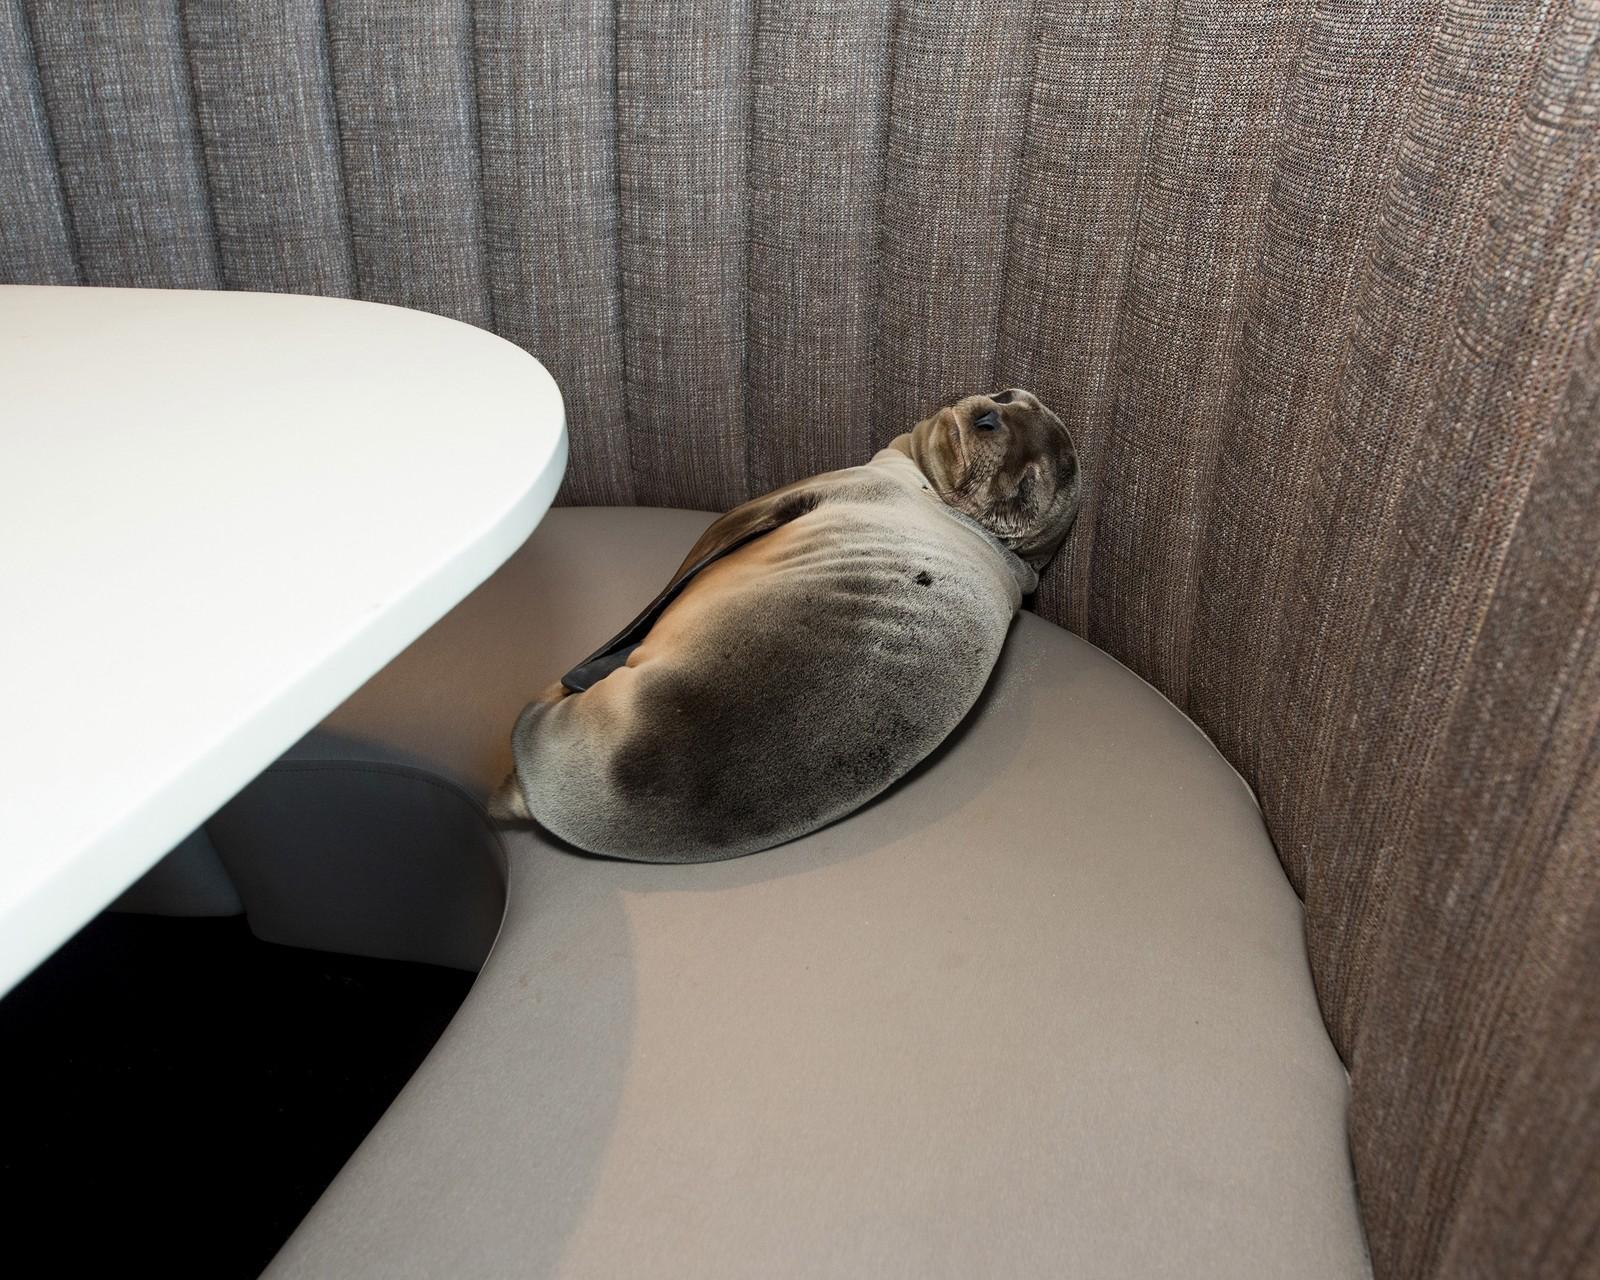 En åtte måneder gammel sjøløve ble torsdag funnet sovende i en bås på restauranten Marine Room i La Jolla i San Diego, California. Personale fra den nærliggende SeaWorld-parken ble tilkalt, og tok seg av den uvanlige gjesten. Hvordan den havnet i denne situasjonen er ikke kjent.